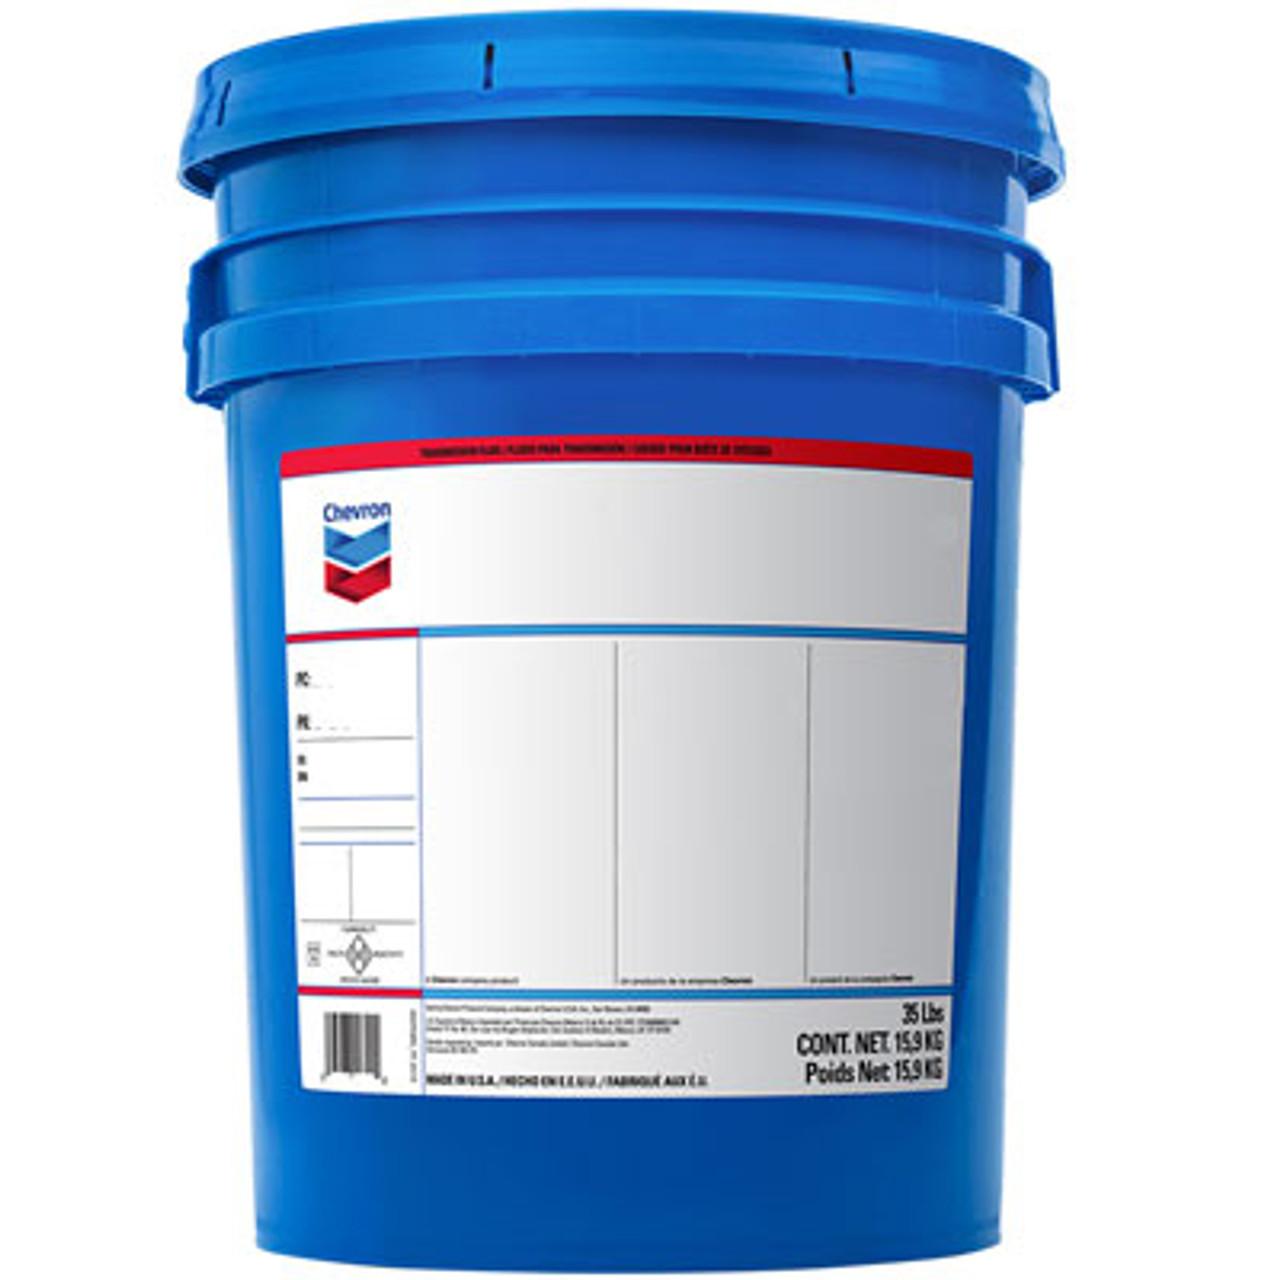 Chevron Meropa® 320 Gear Oil - 35 Pound Pail